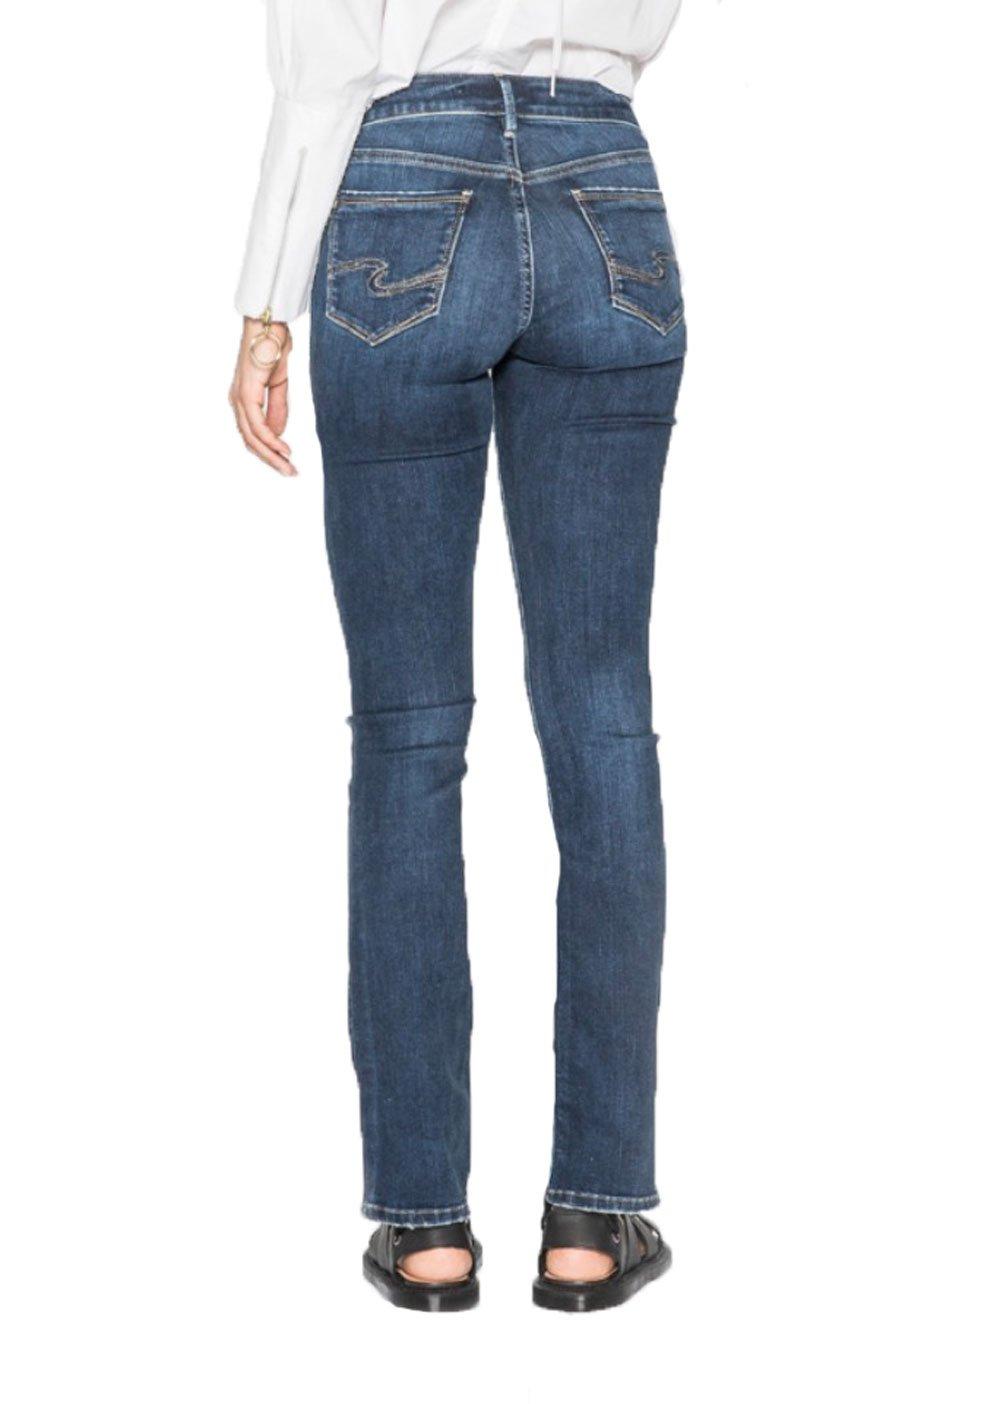 Silver Jeans Co. PANTS レディース B077J7S4FP 25x33|Dark Comfort Stretch Dark Comfort Stretch 25x33